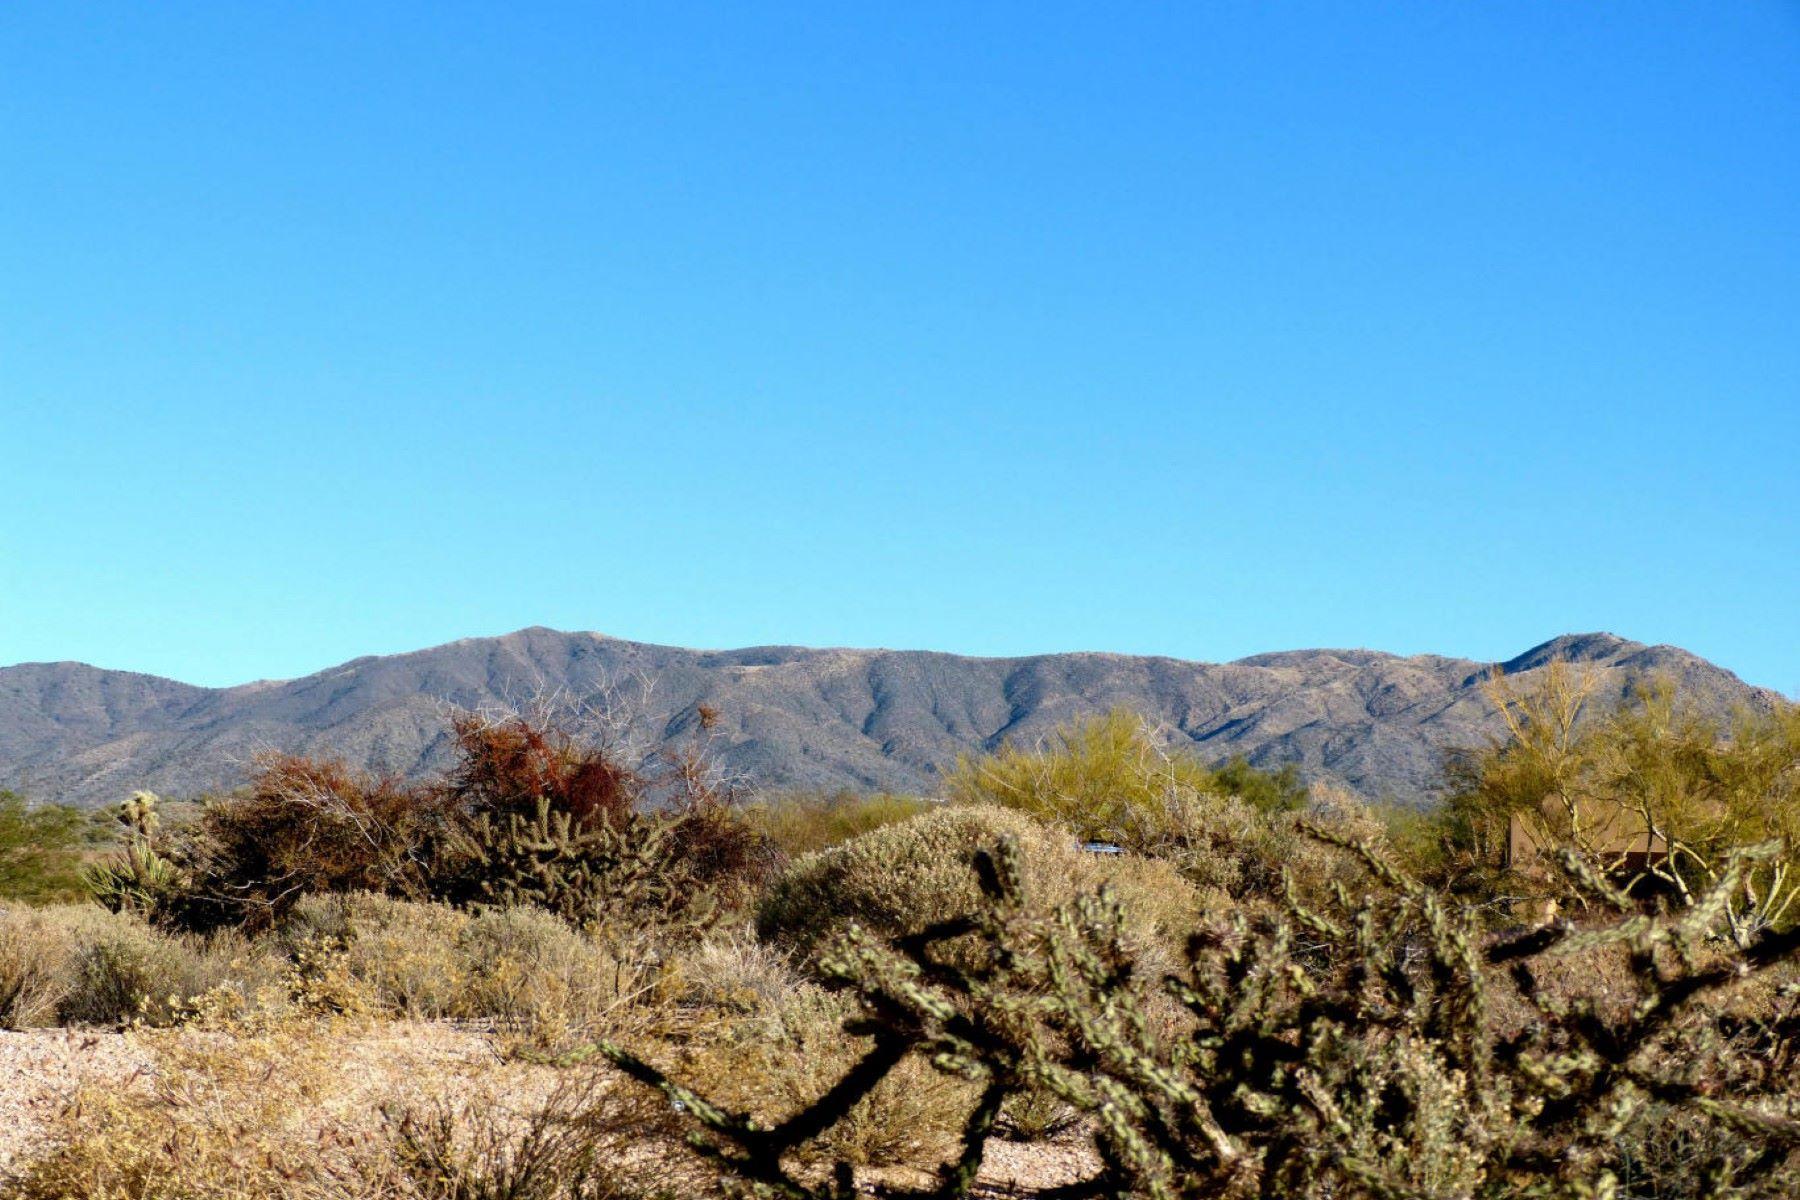 Terreno por un Venta en Flat topography for easy build in Scottsdale 37970 N 98th Pl lot 299, Scottsdale, Arizona, 85262 Estados Unidos